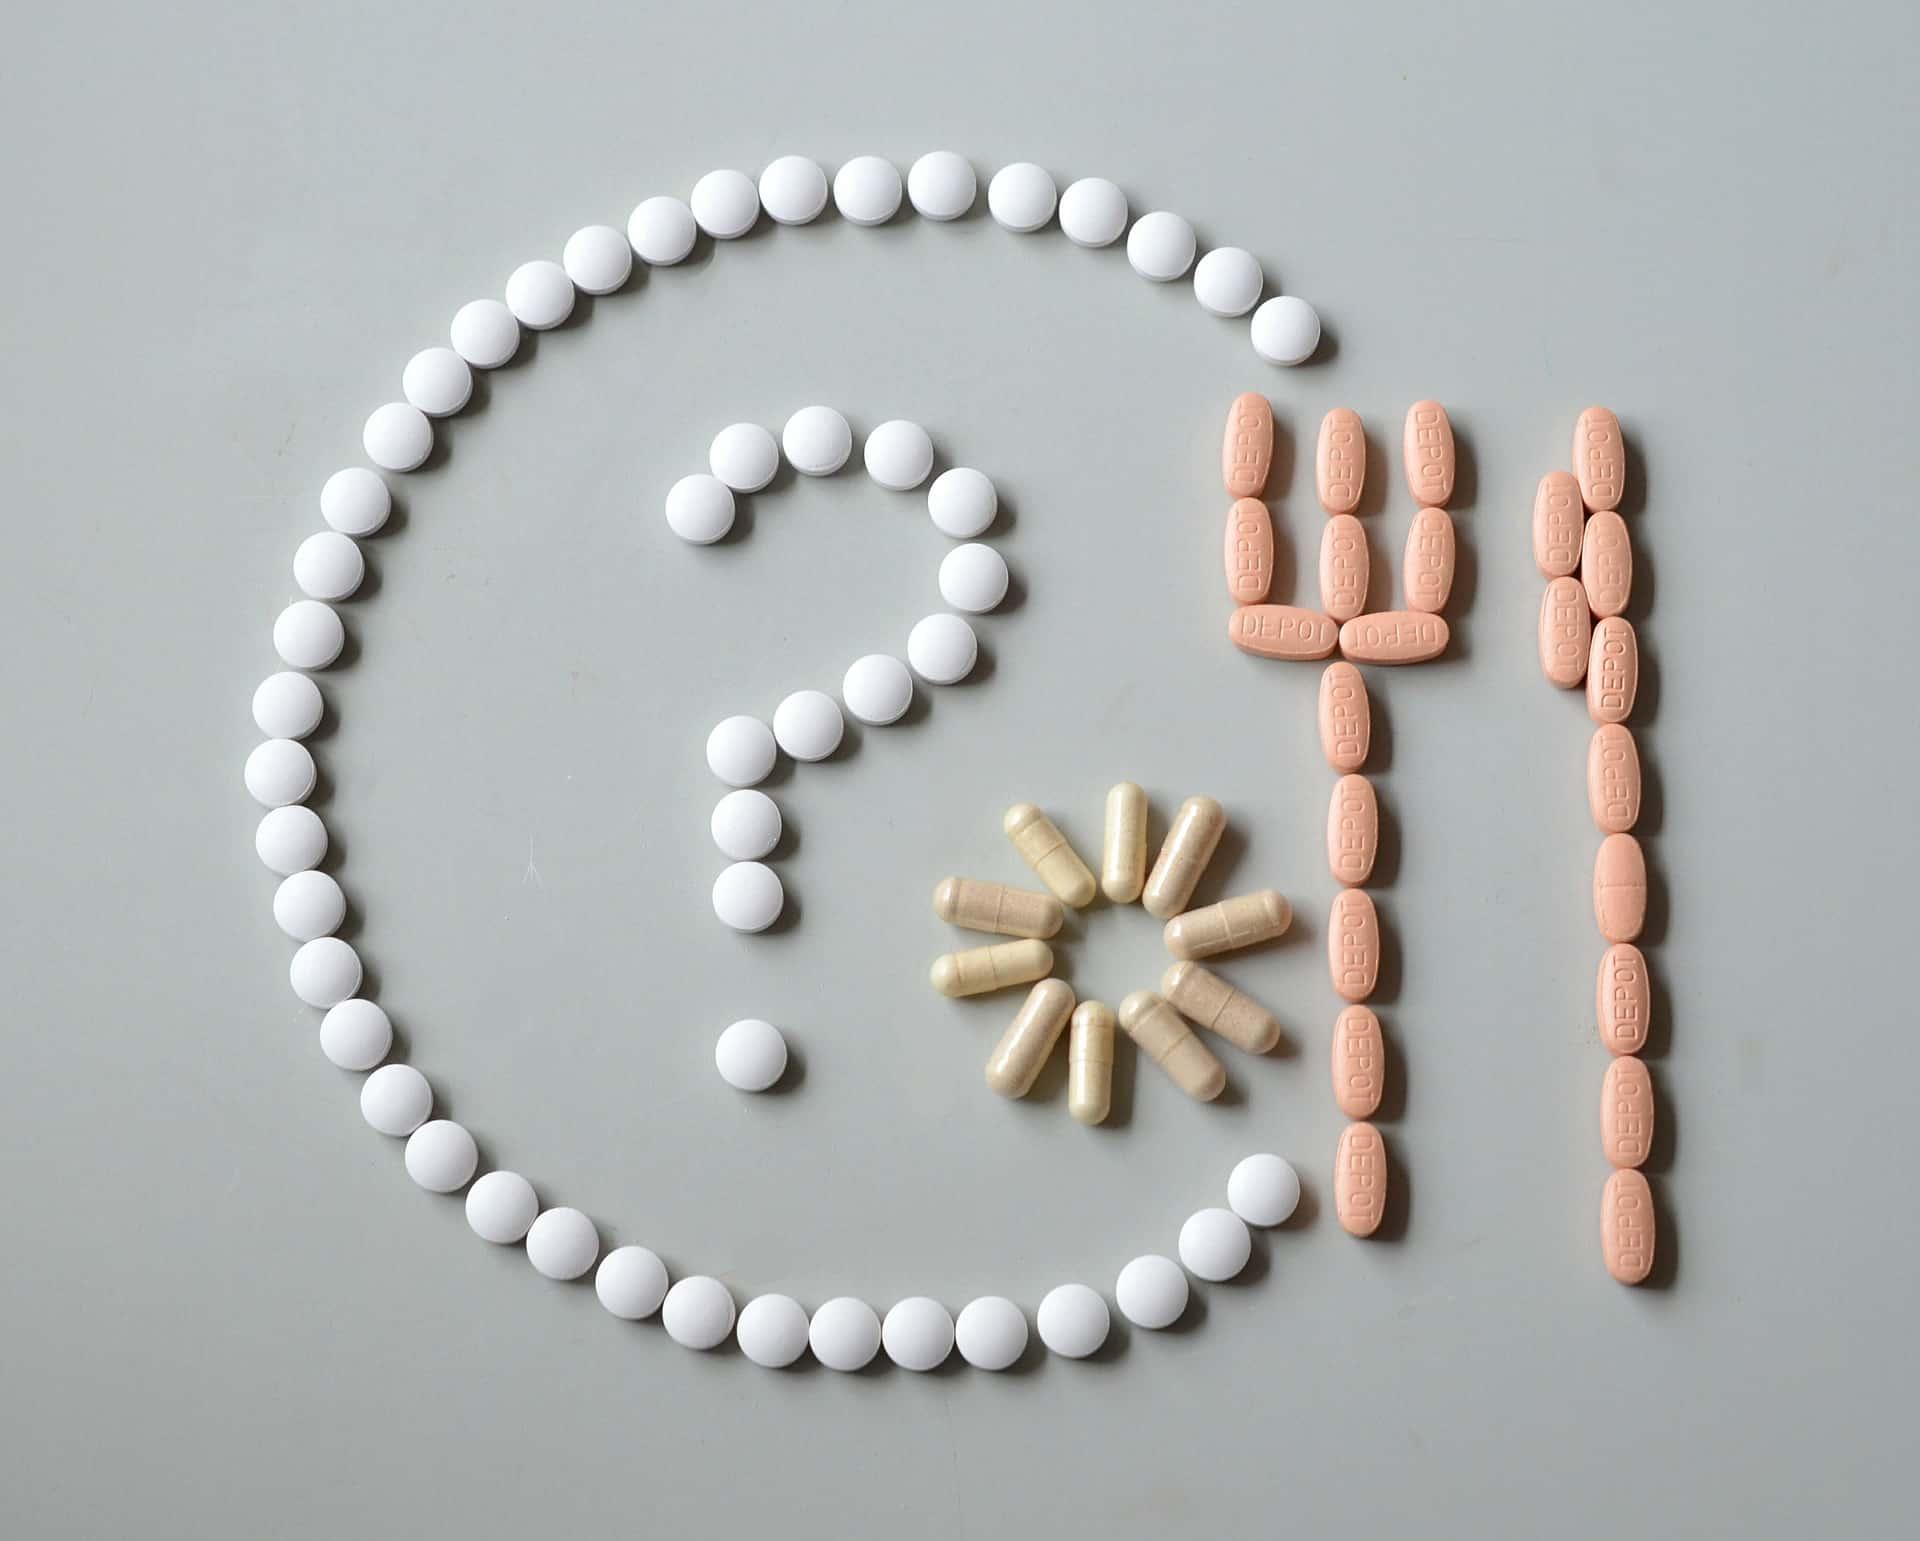 Aegon Consejo Salud medicamentos y su buen uso